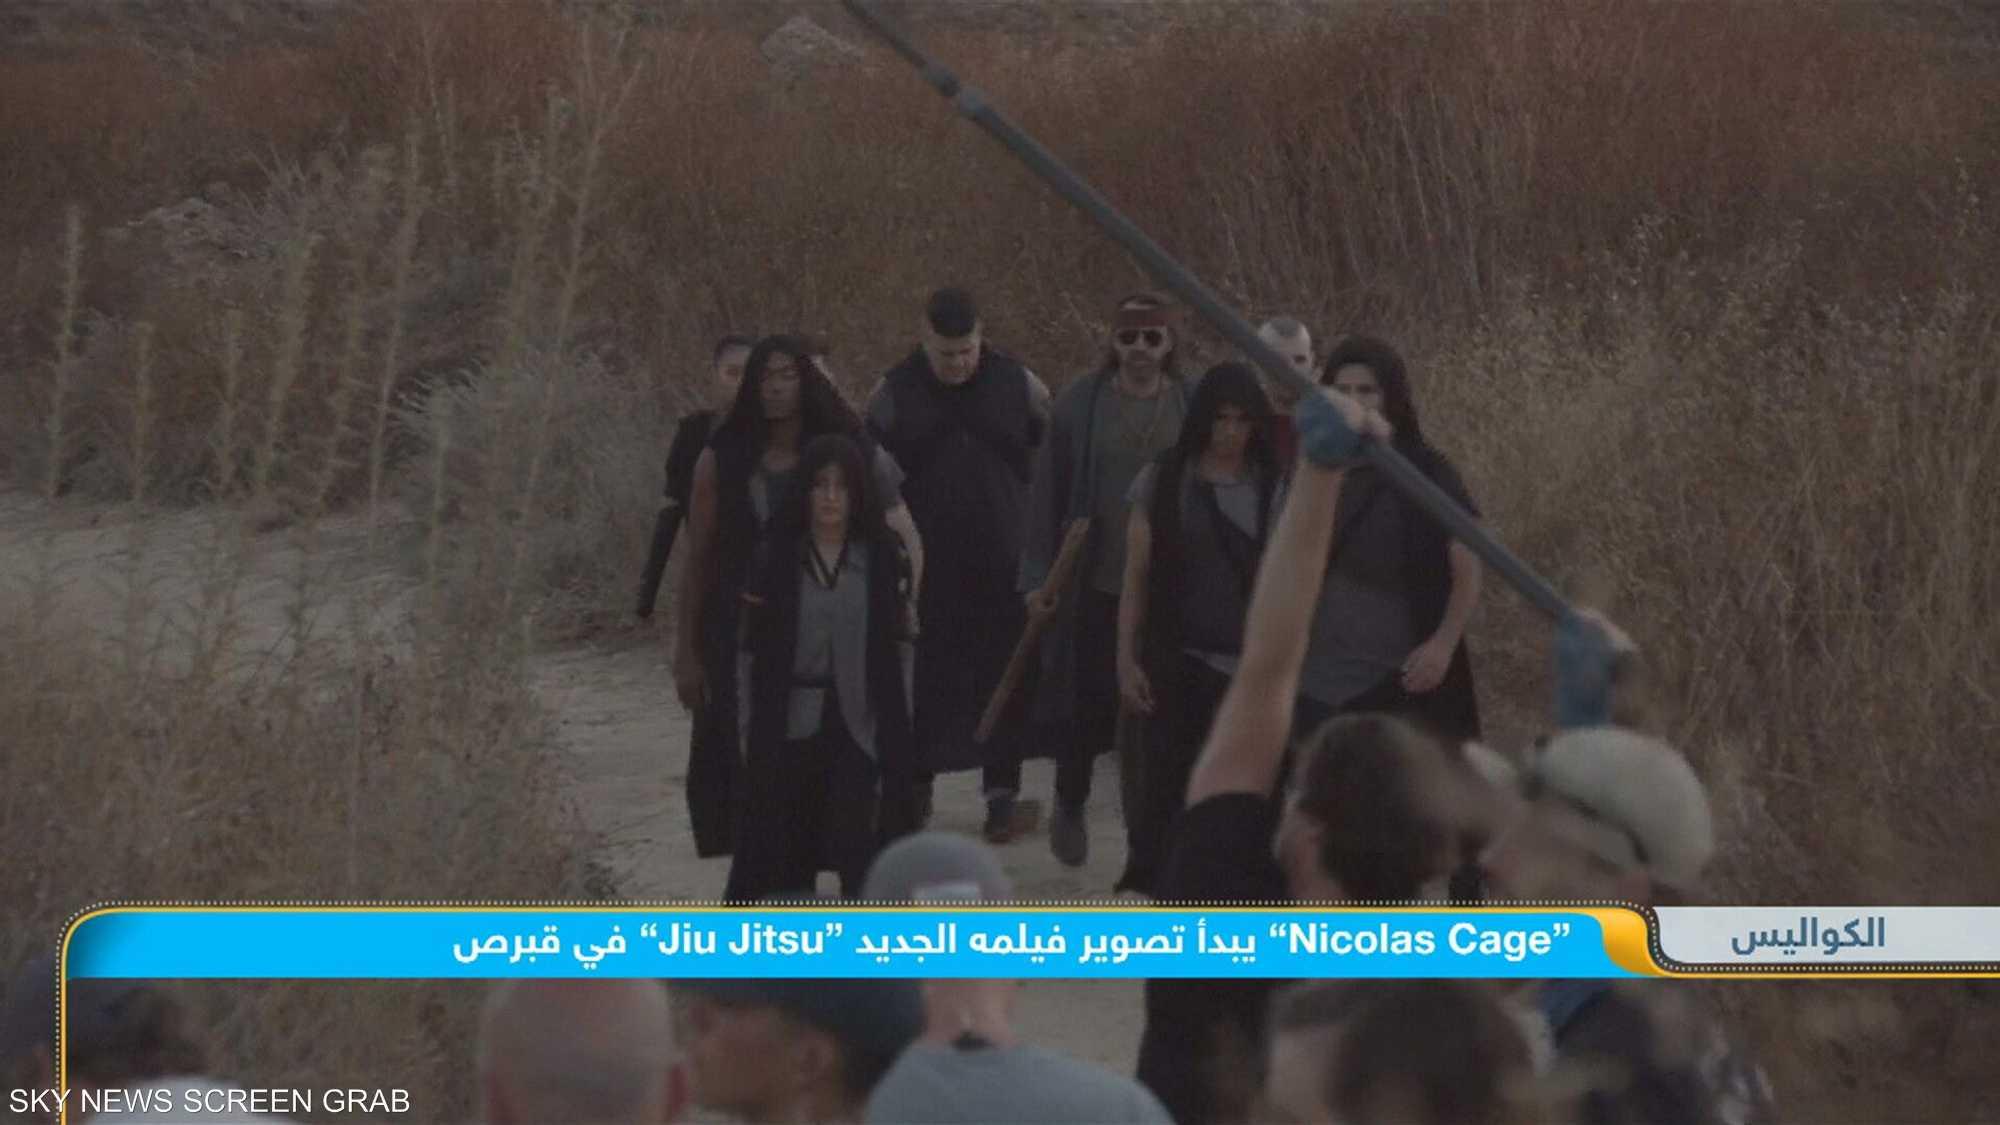 نيكولاس كيج يبدأ تصوير فيلمه الجديد في قبرص